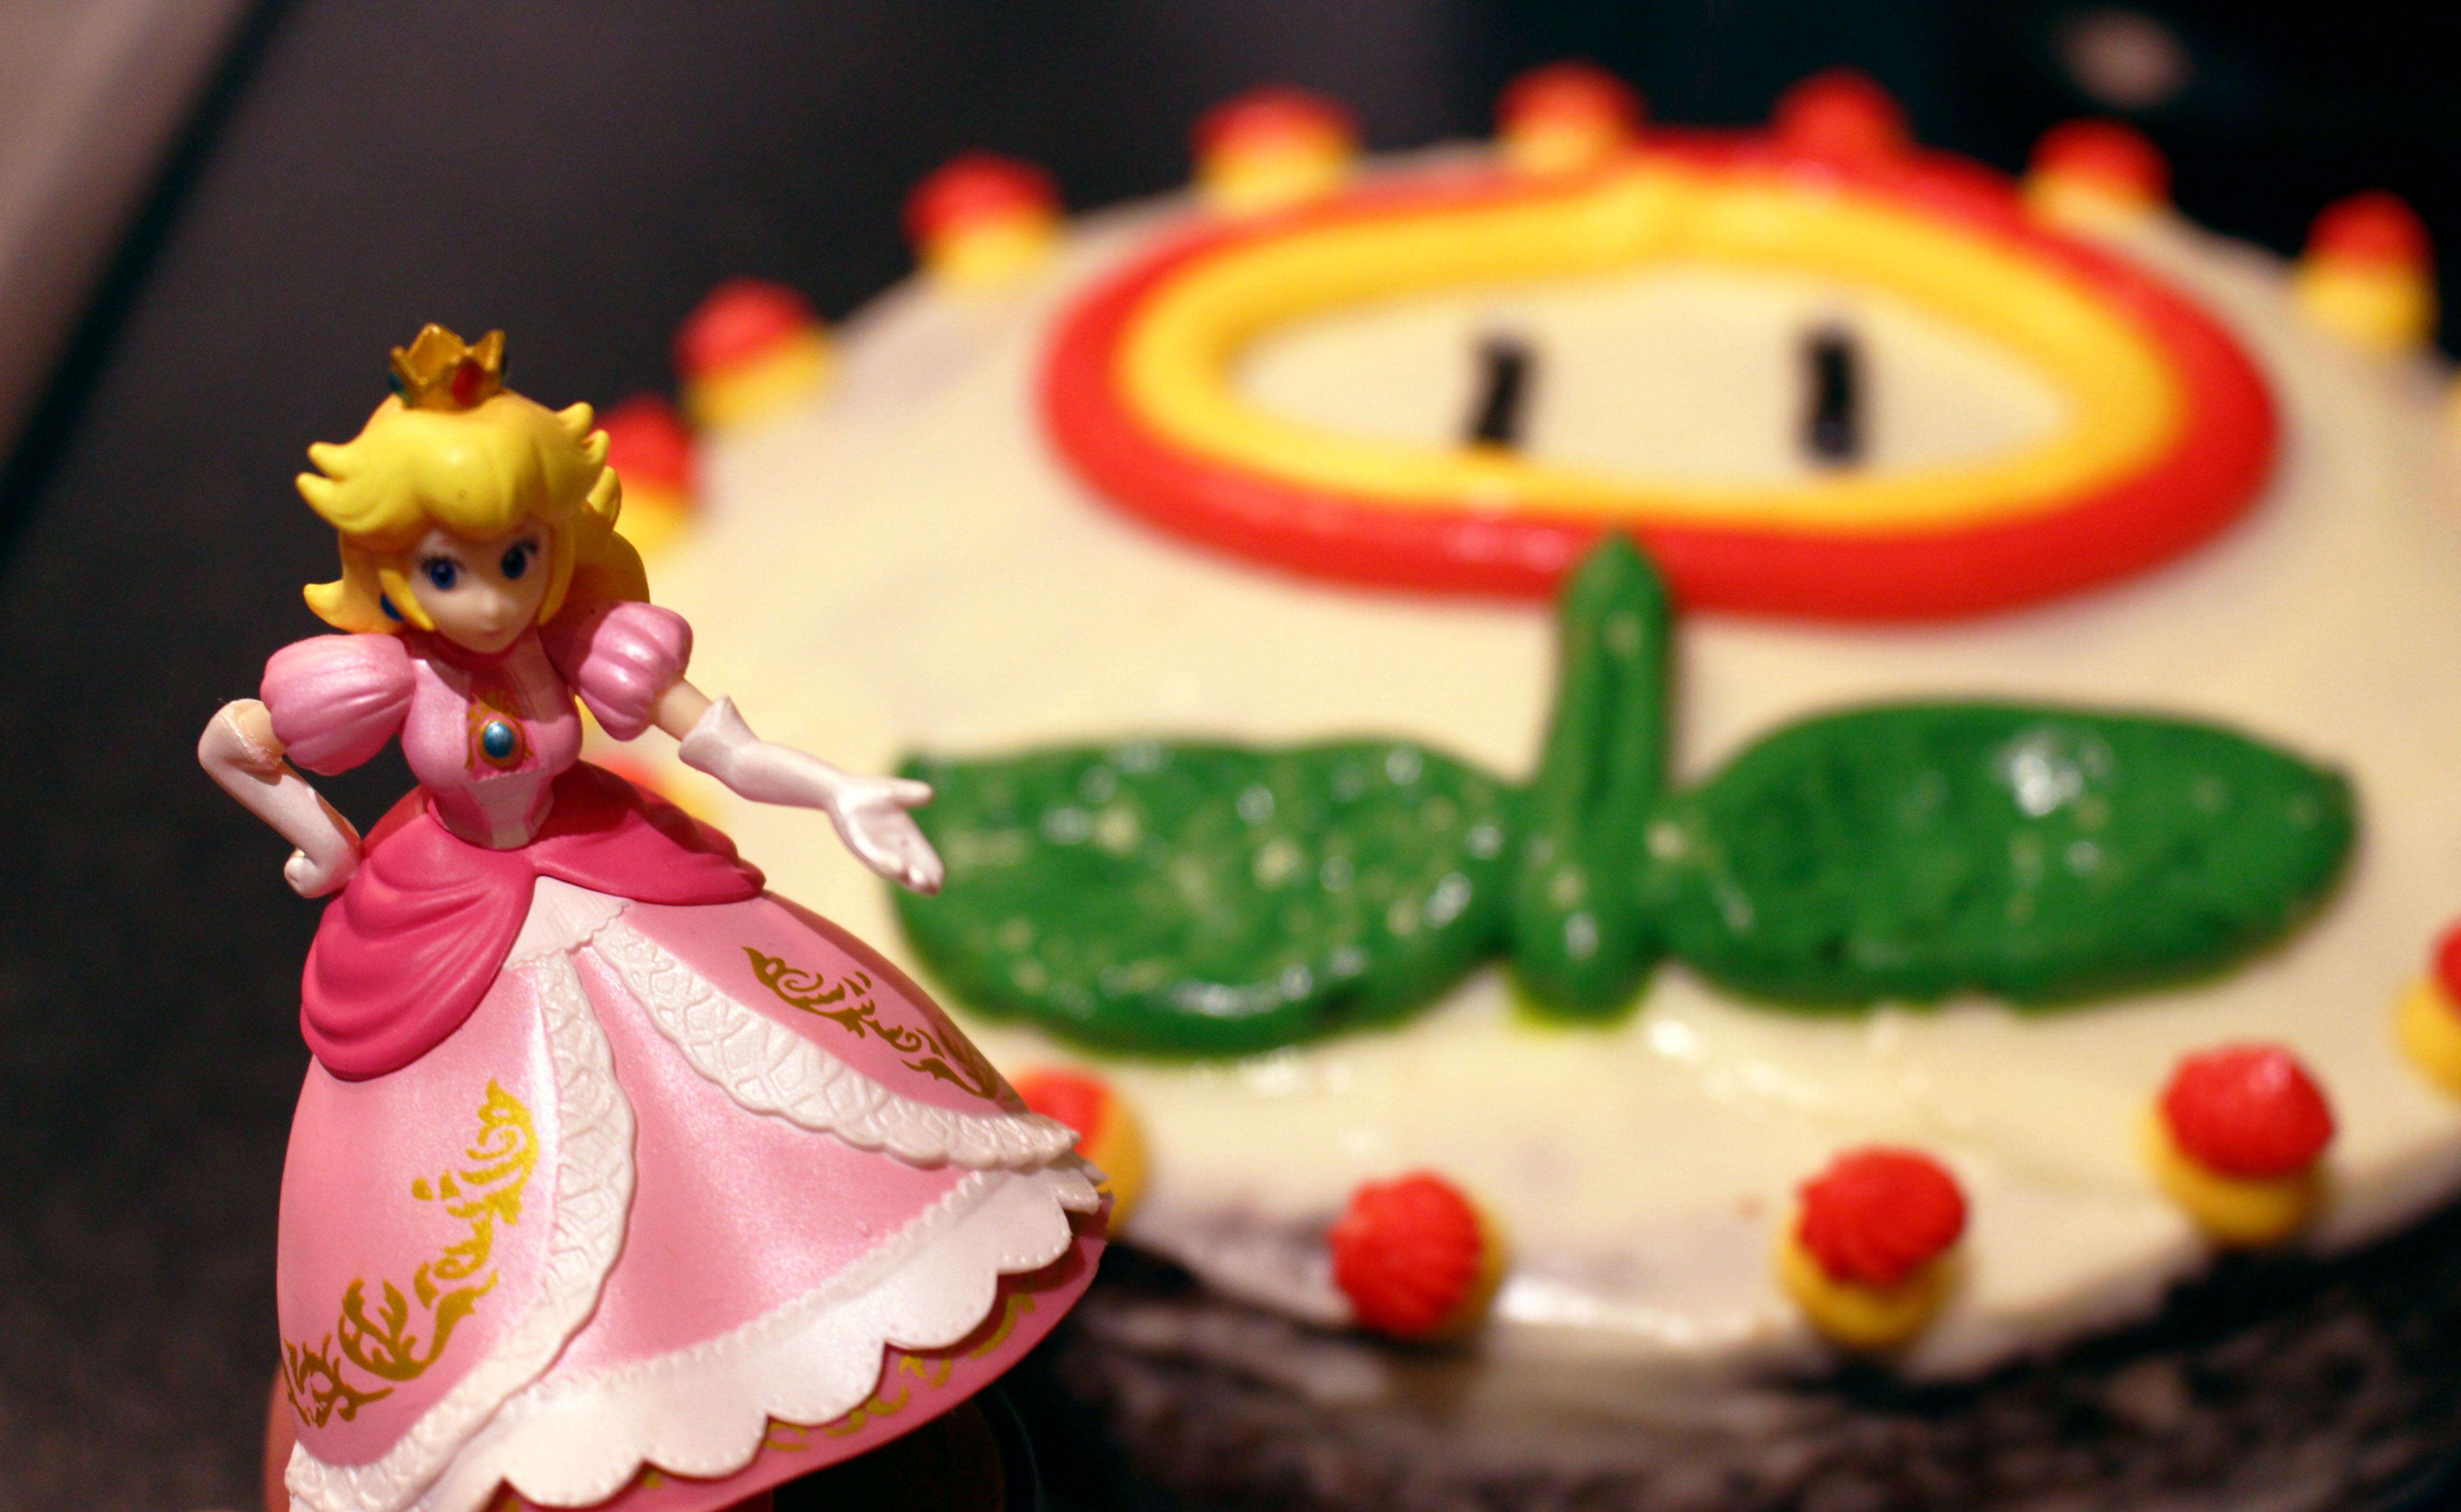 Fireflower Cake